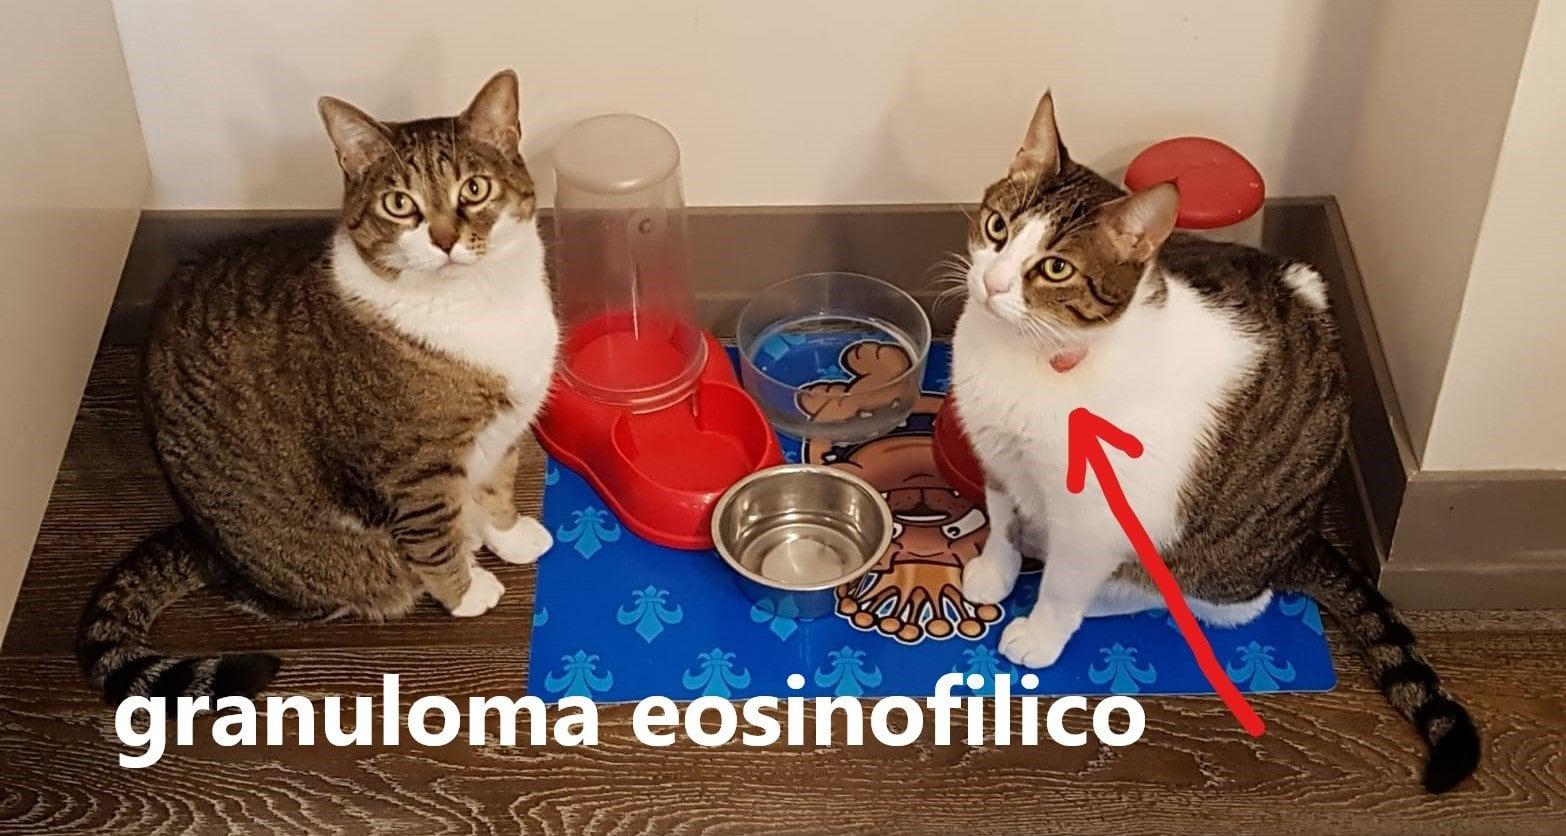 Granuloma eosinofilico nel gatto: sintomi e cura!